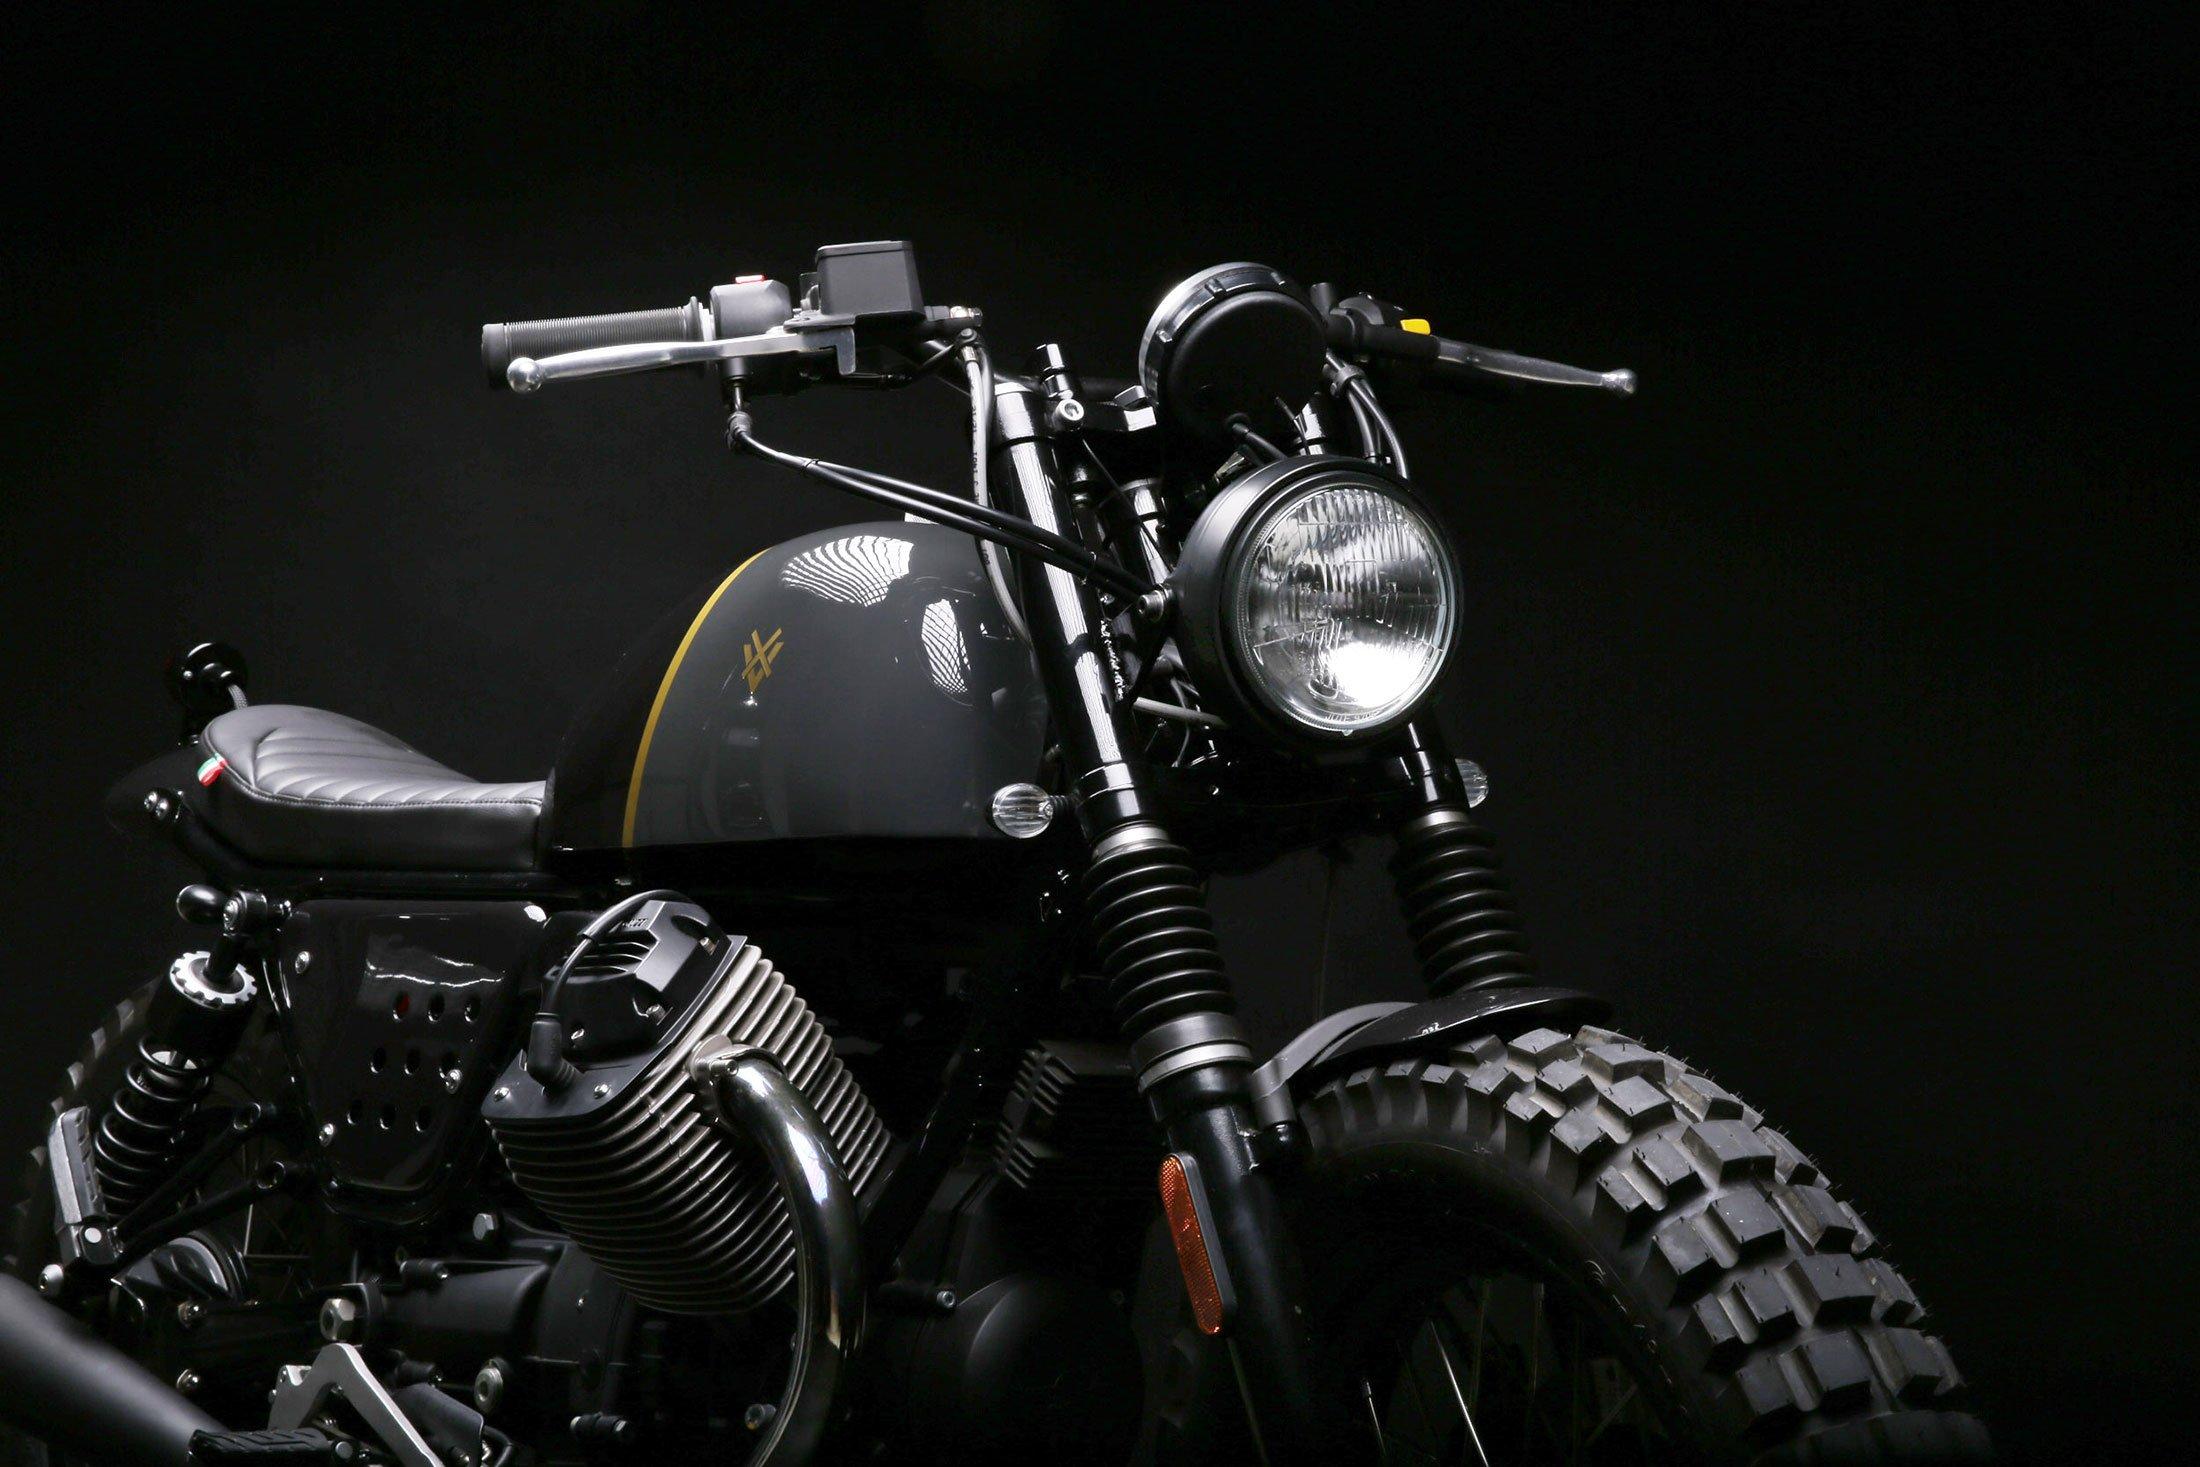 a-moto-guzzi-v7-redesigned-as-a-scrambler-gessato-9